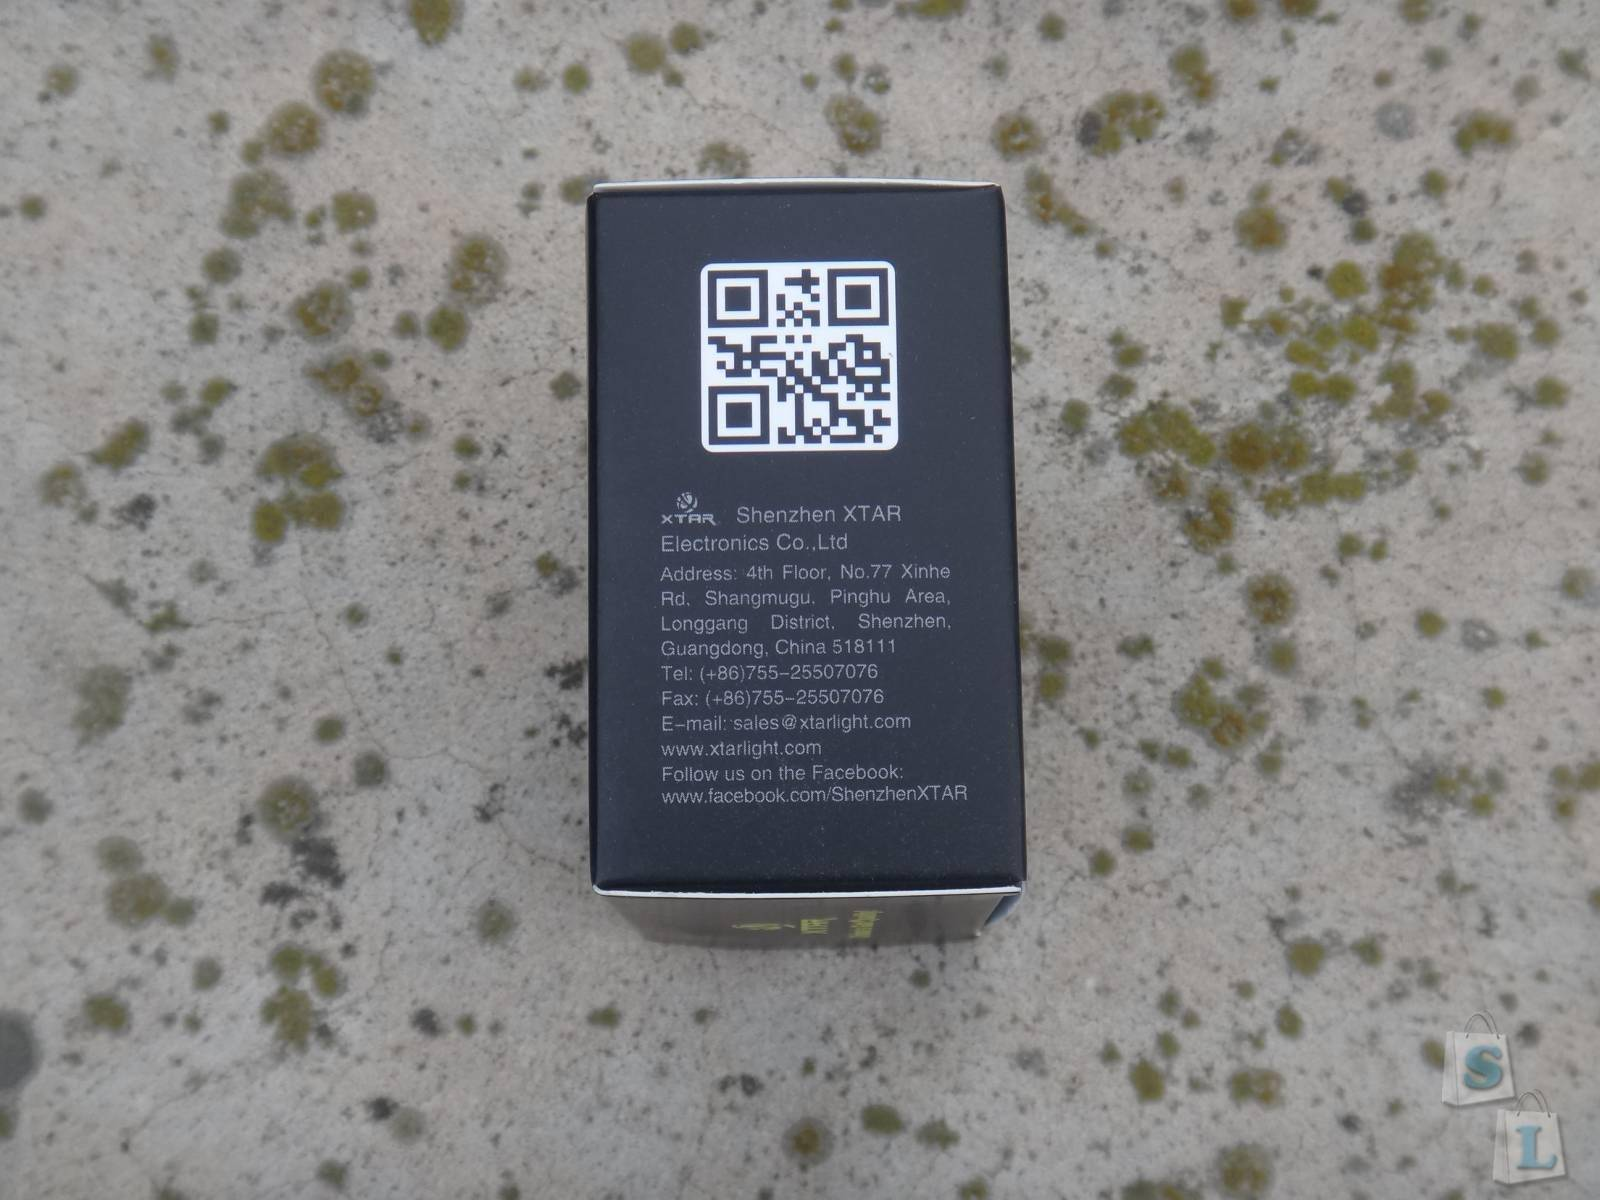 Другие - Китай: Xtar MC1 Plus - компактная универсальная зарядка для LiIon аккумуляторов